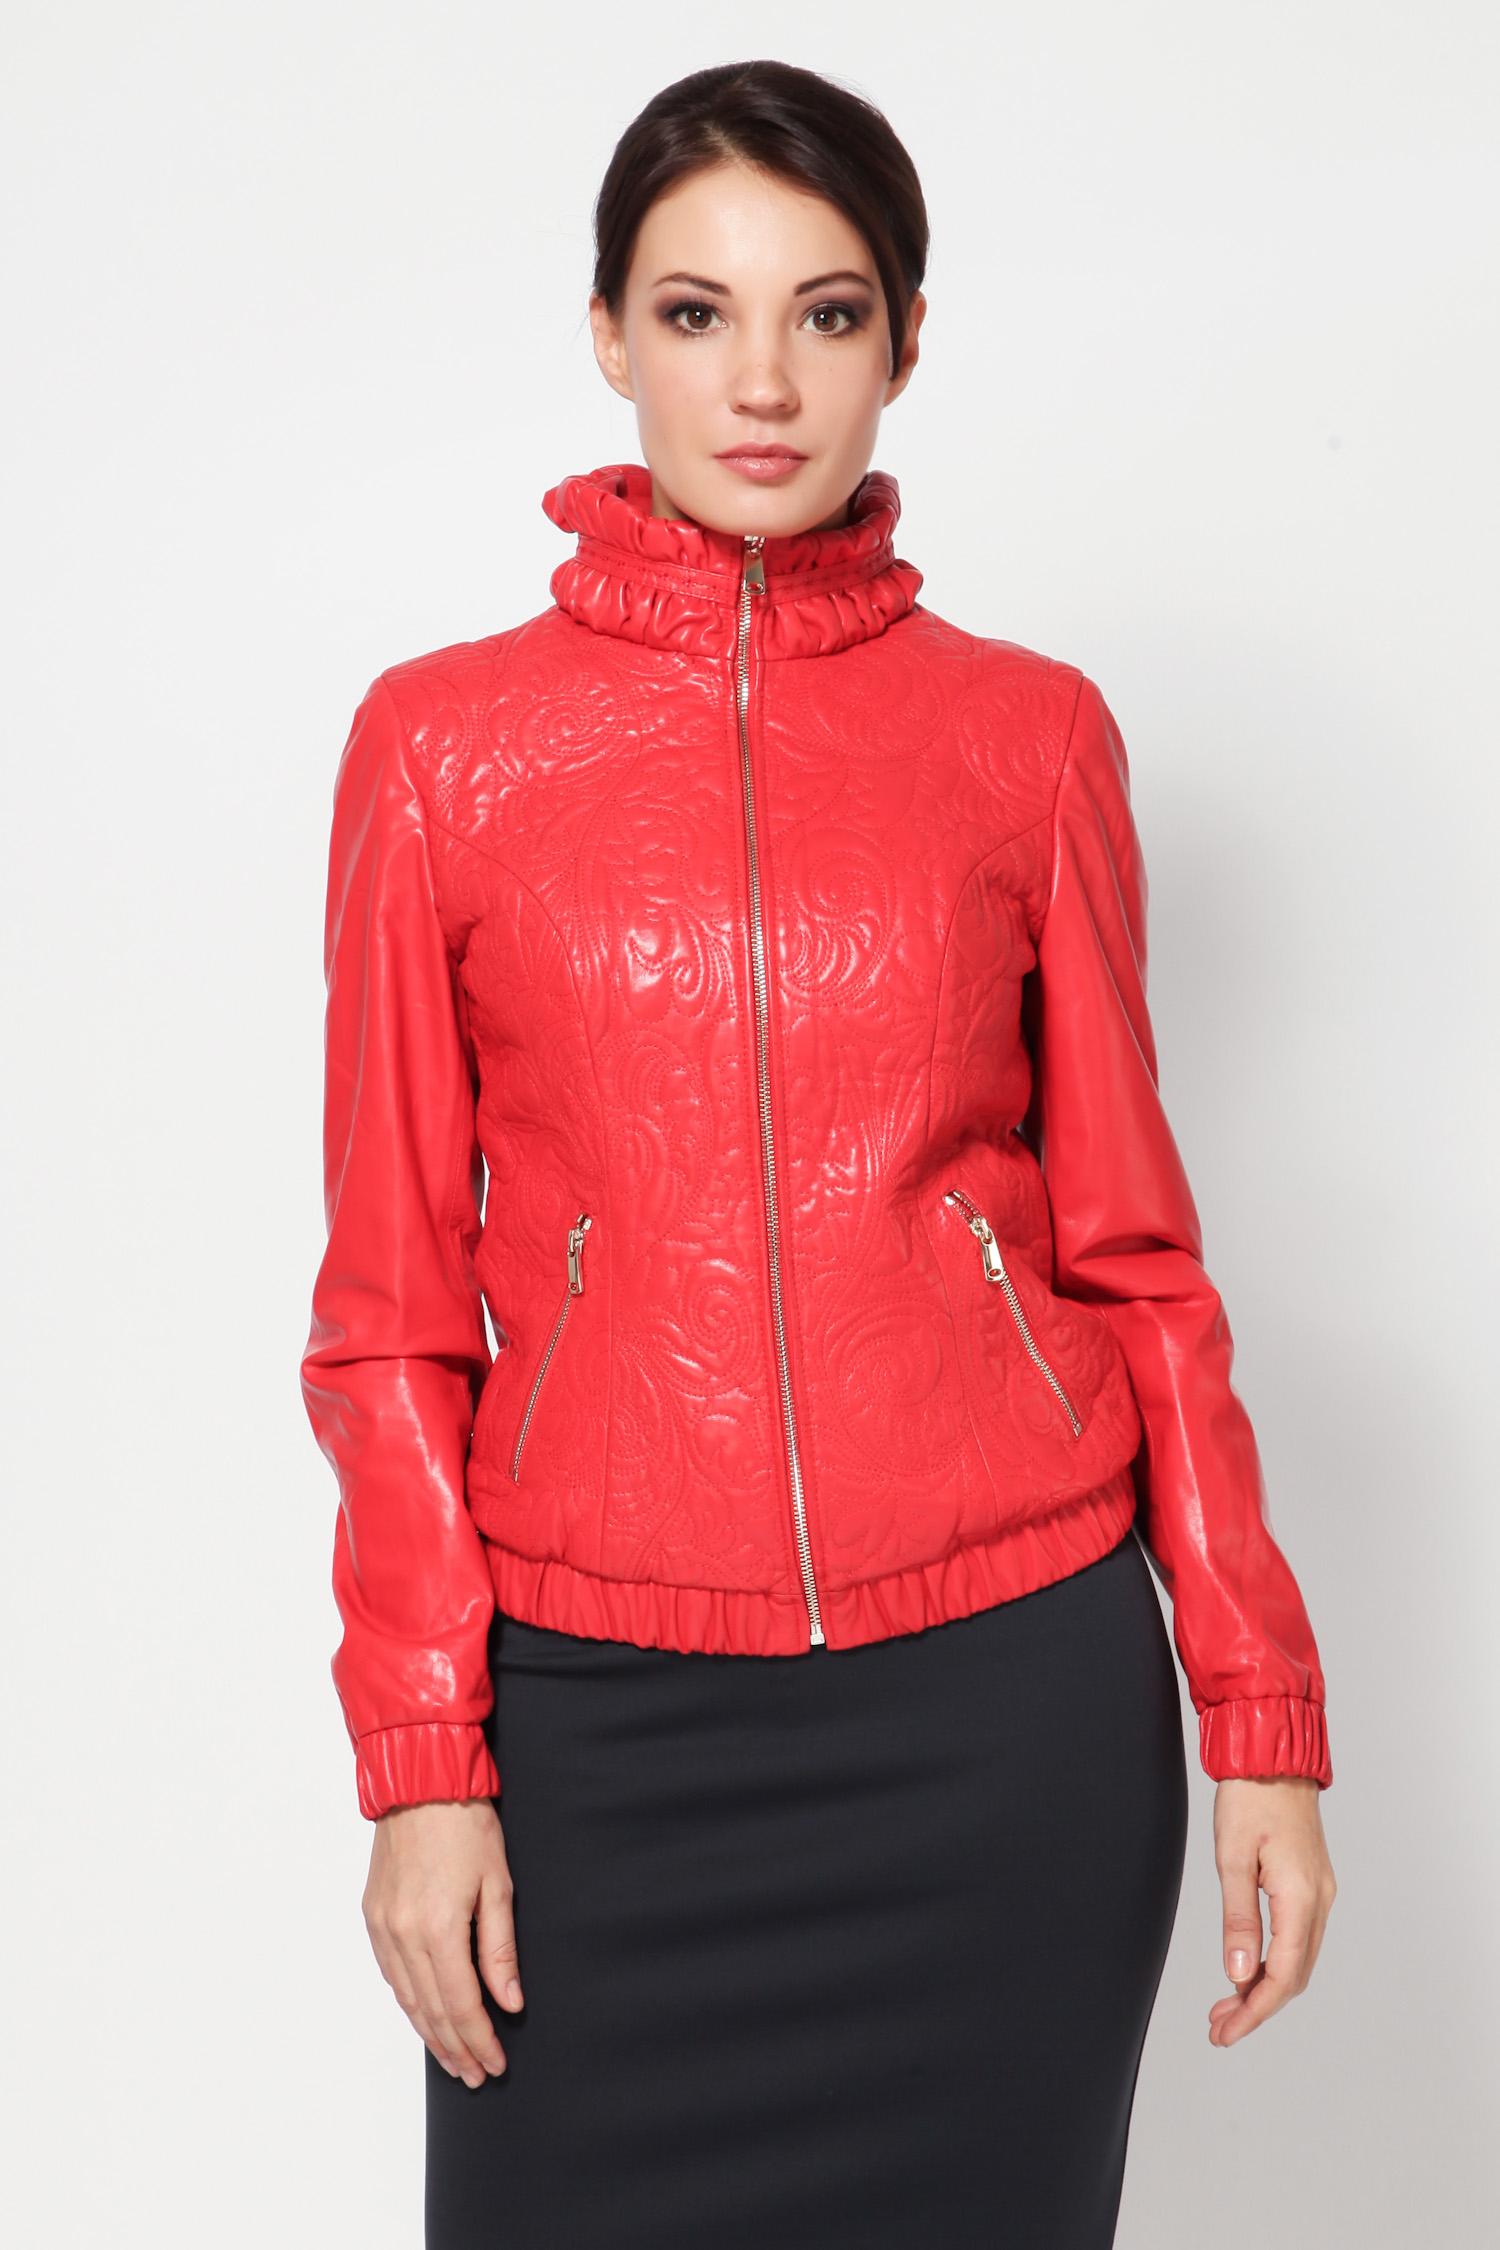 Женская кожаная куртка из натуральной кожи с воротником, без отделки<br><br>Воротник: стойка<br>Длина см: Короткая (51-74 )<br>Материал: Кожа овчина<br>Цвет: кораловый<br>Застежка: на молнии<br>Пол: Женский<br>Размер RU: 50